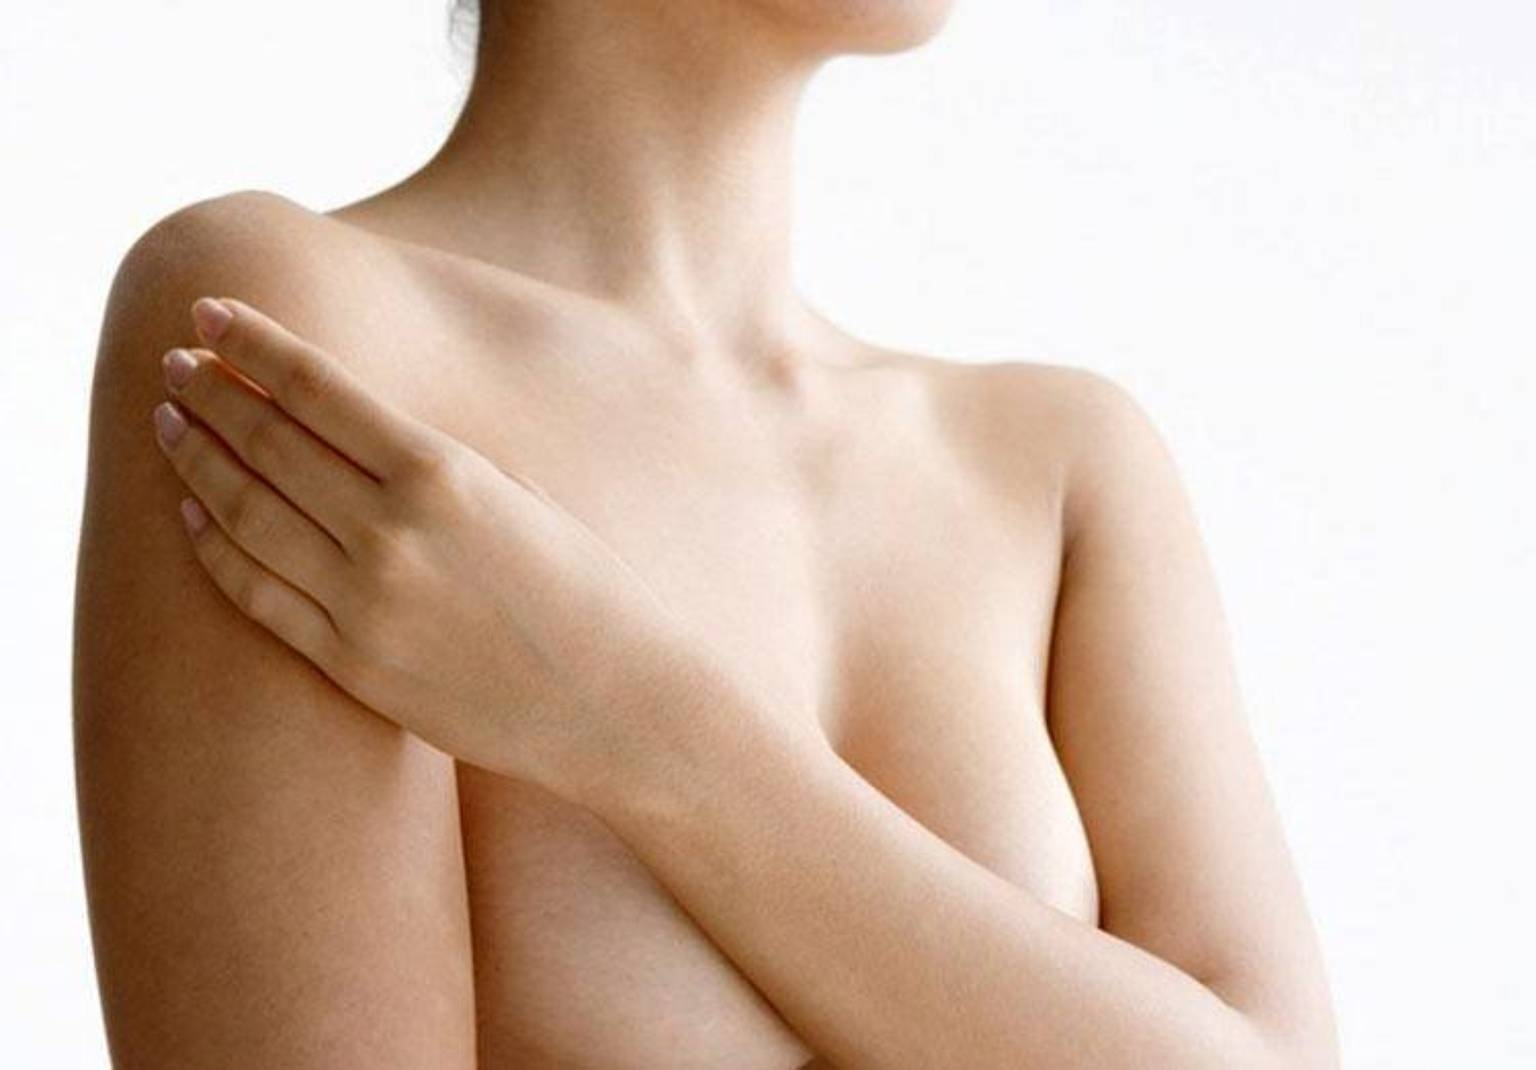 когда лучше делать узи груди